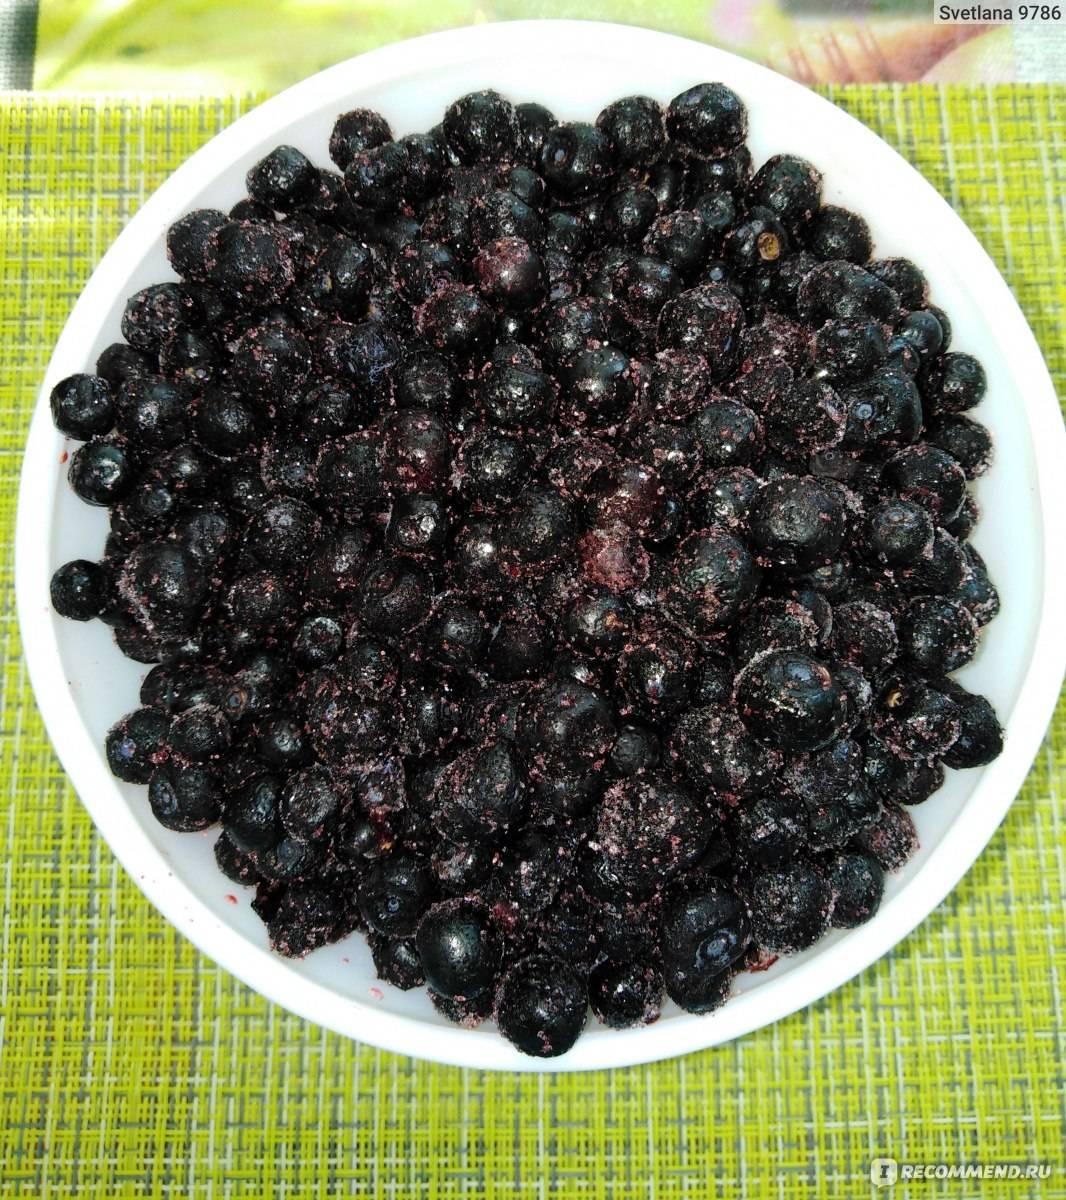 Кисель из черники при поносе: рецепт из замороженной и сушеной черники, можно ли пить кисель при диарее у ребенка